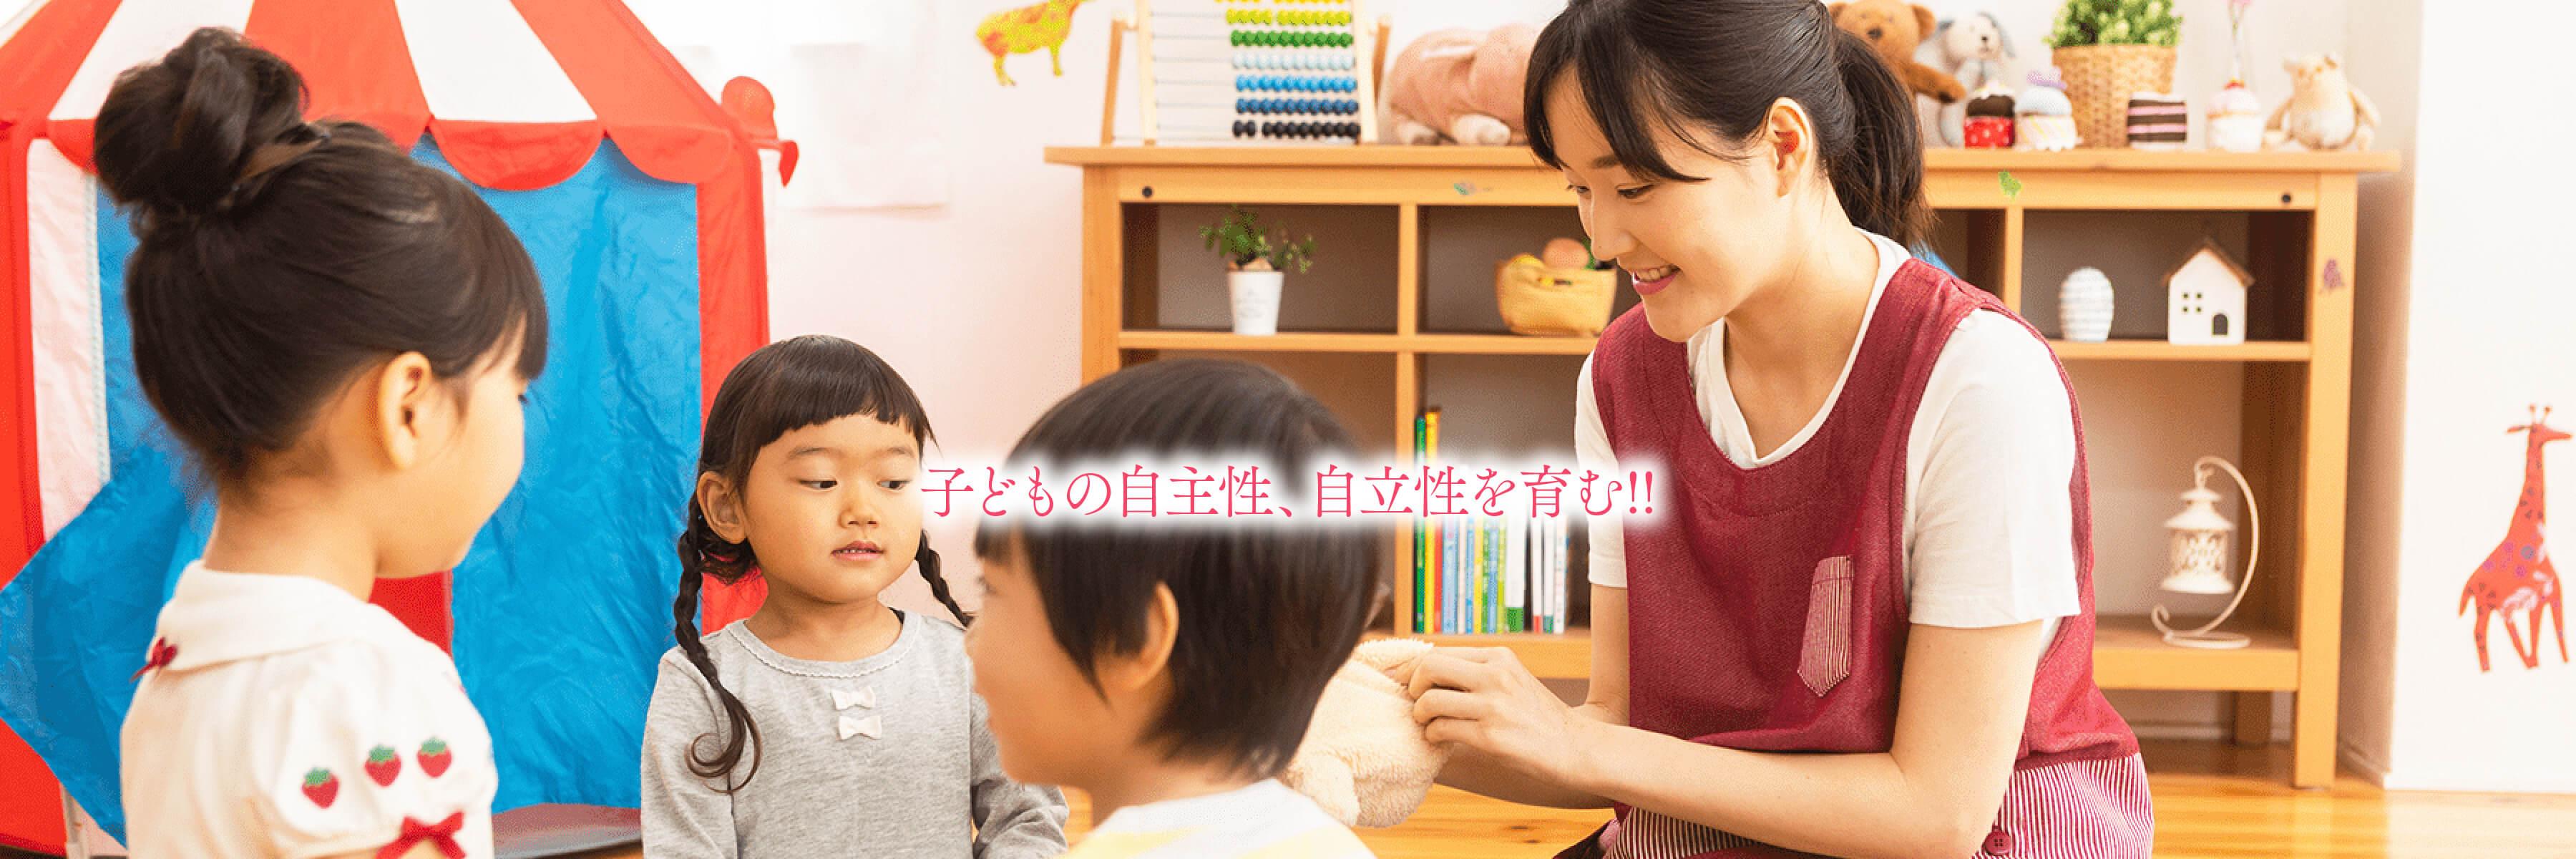 子どもの自主性、自立性を育む!!|関耀会 みらいのもり保育園